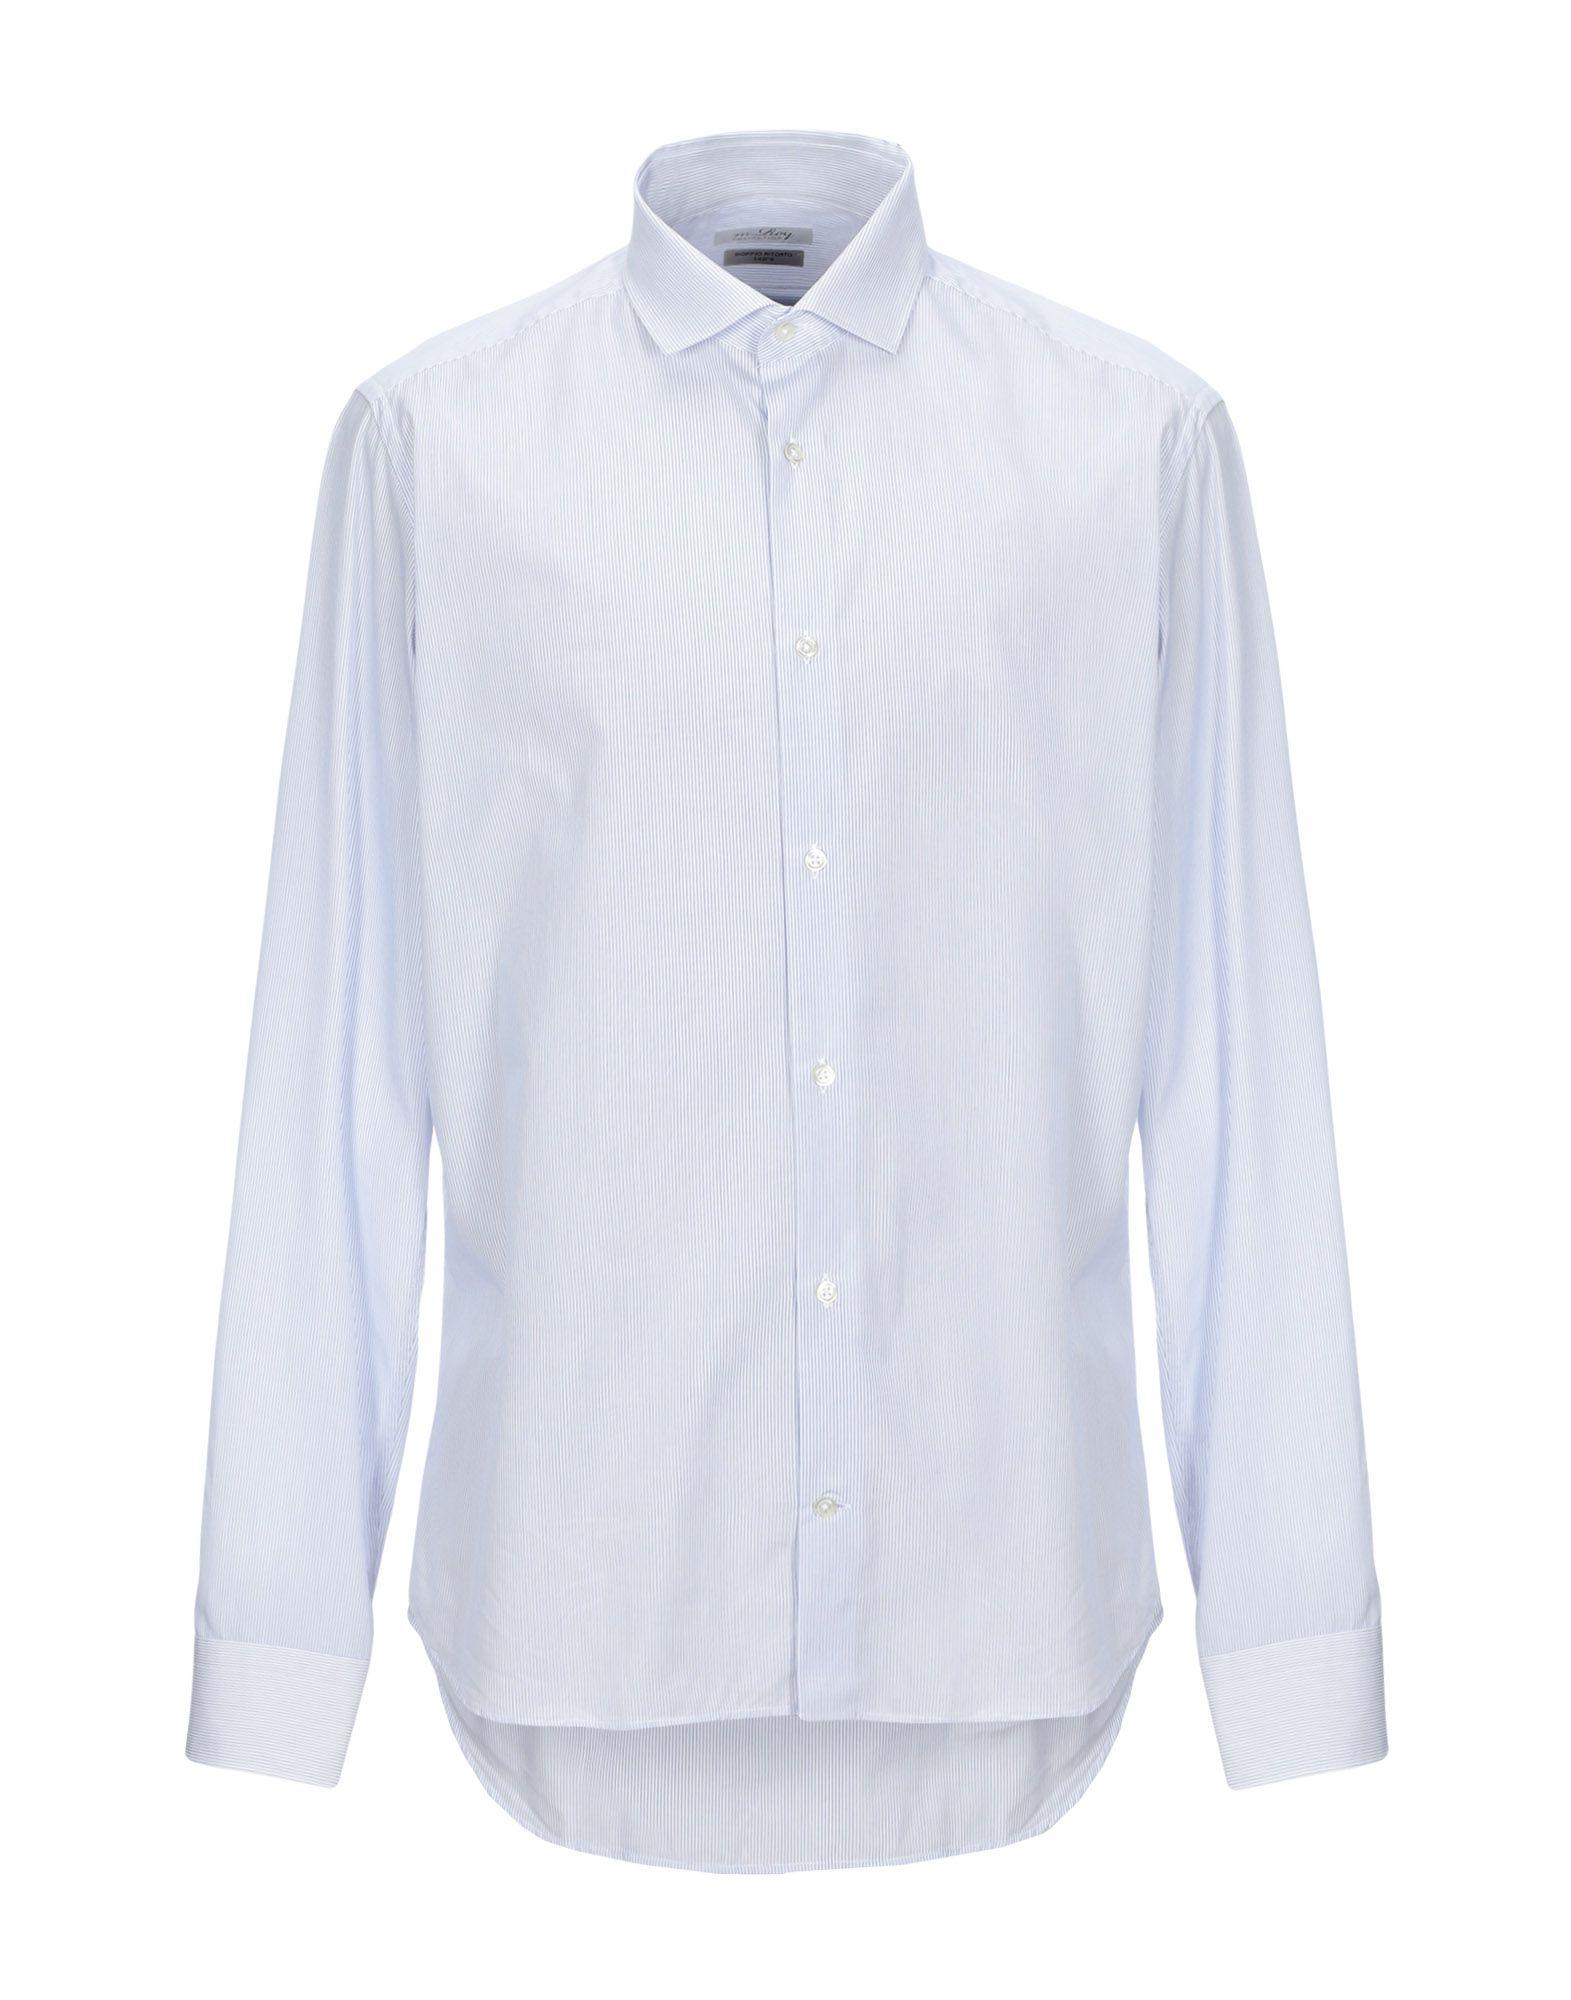 《セール開催中》M.ROY メンズ シャツ ホワイト 43 コットン 100%